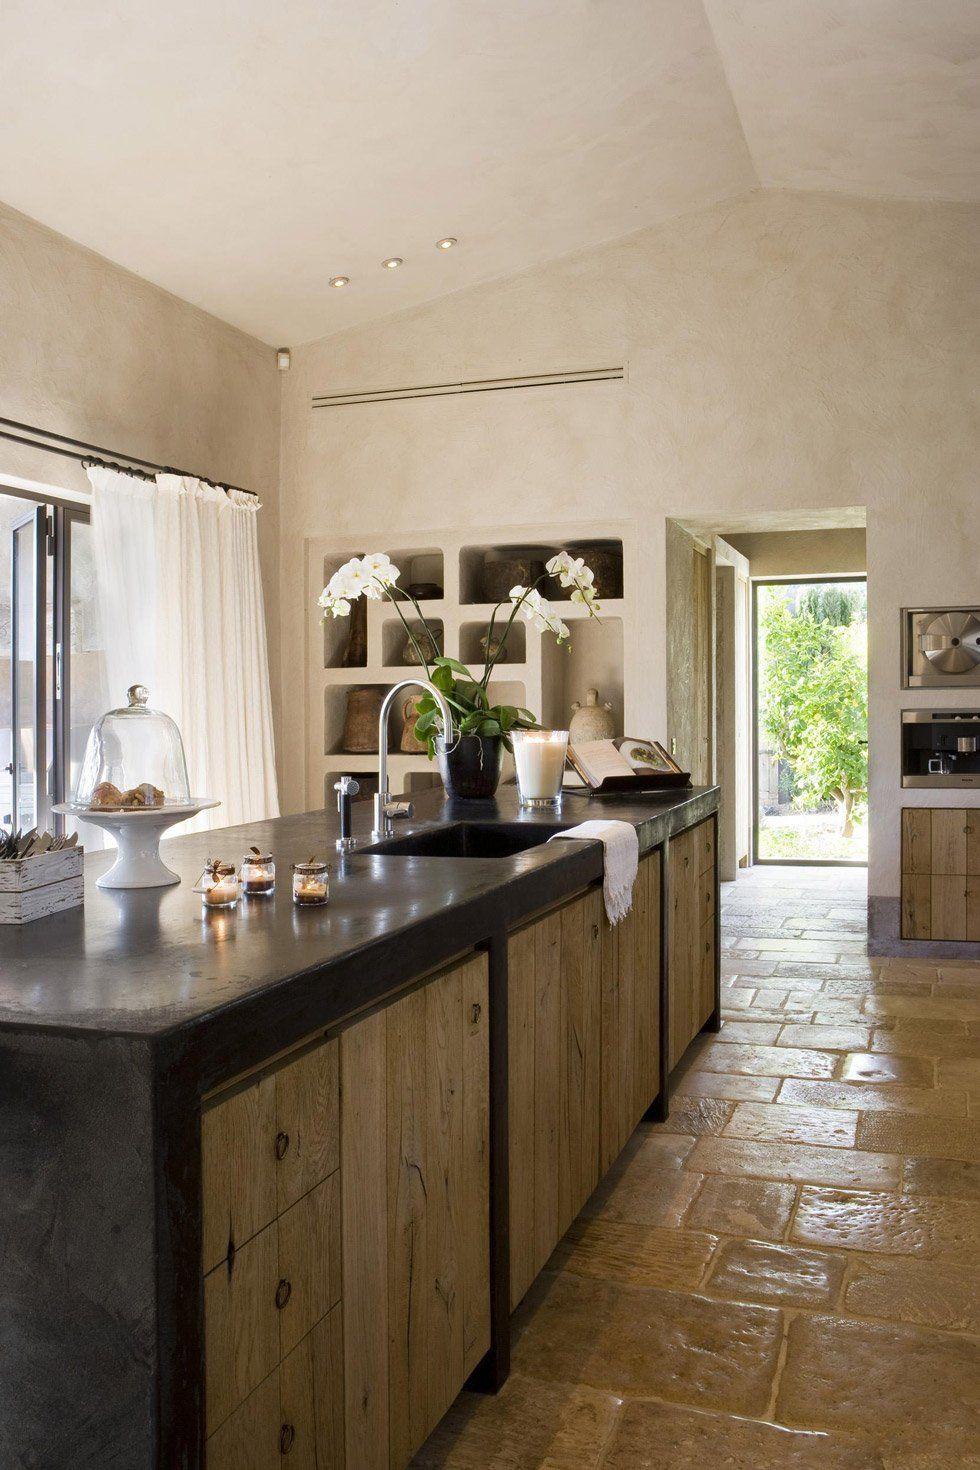 Cucina Rustica In Cemento E Legno Con Il Pavimento In Cotto Pavimento Cucina Progetti Di Cucine Cucina In Stile Vittoriano